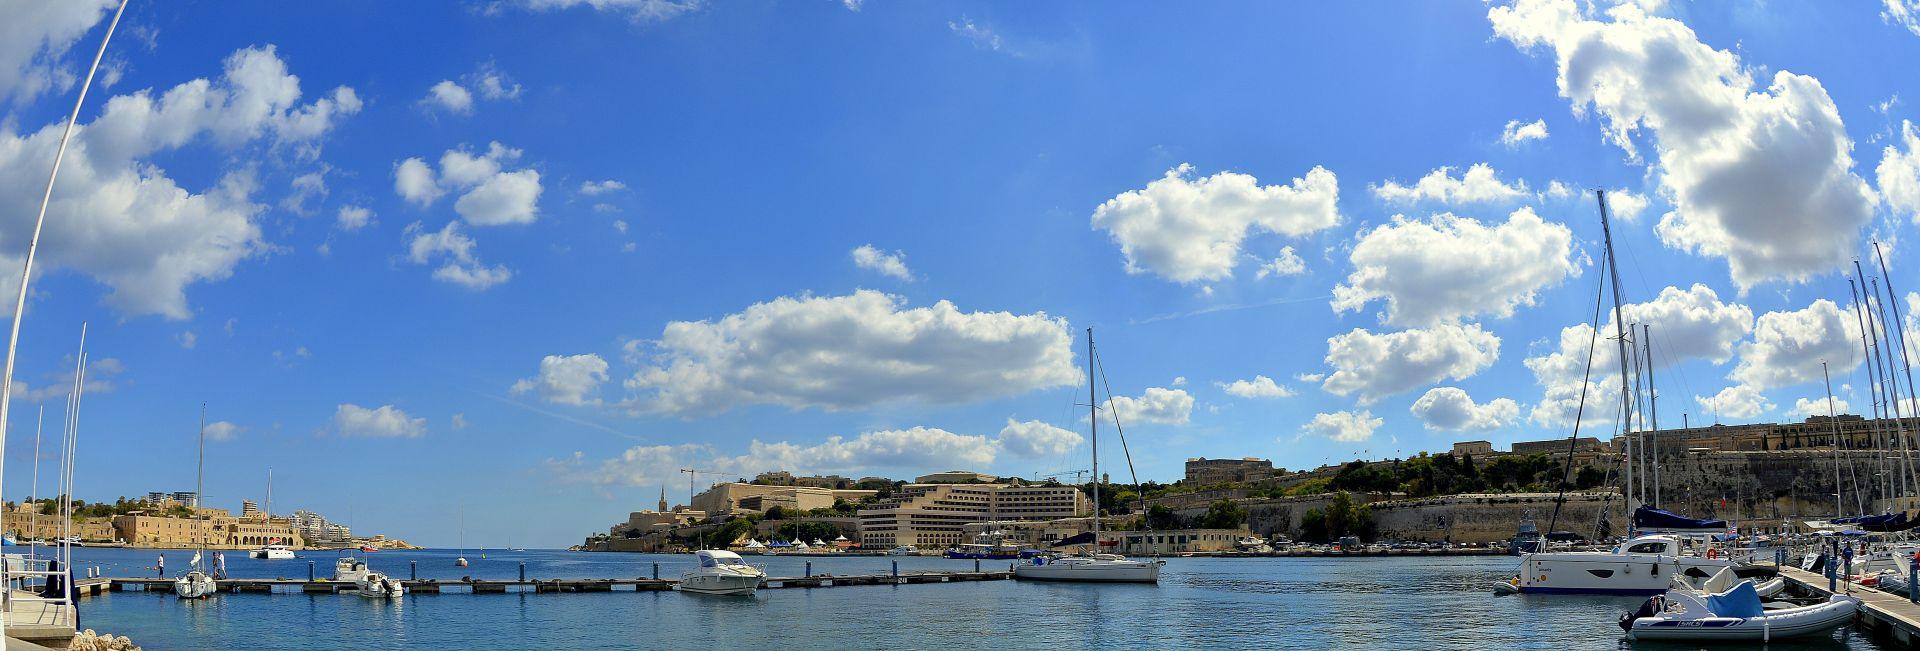 Plaisirs maltais : location de voilier pour une petite croisière